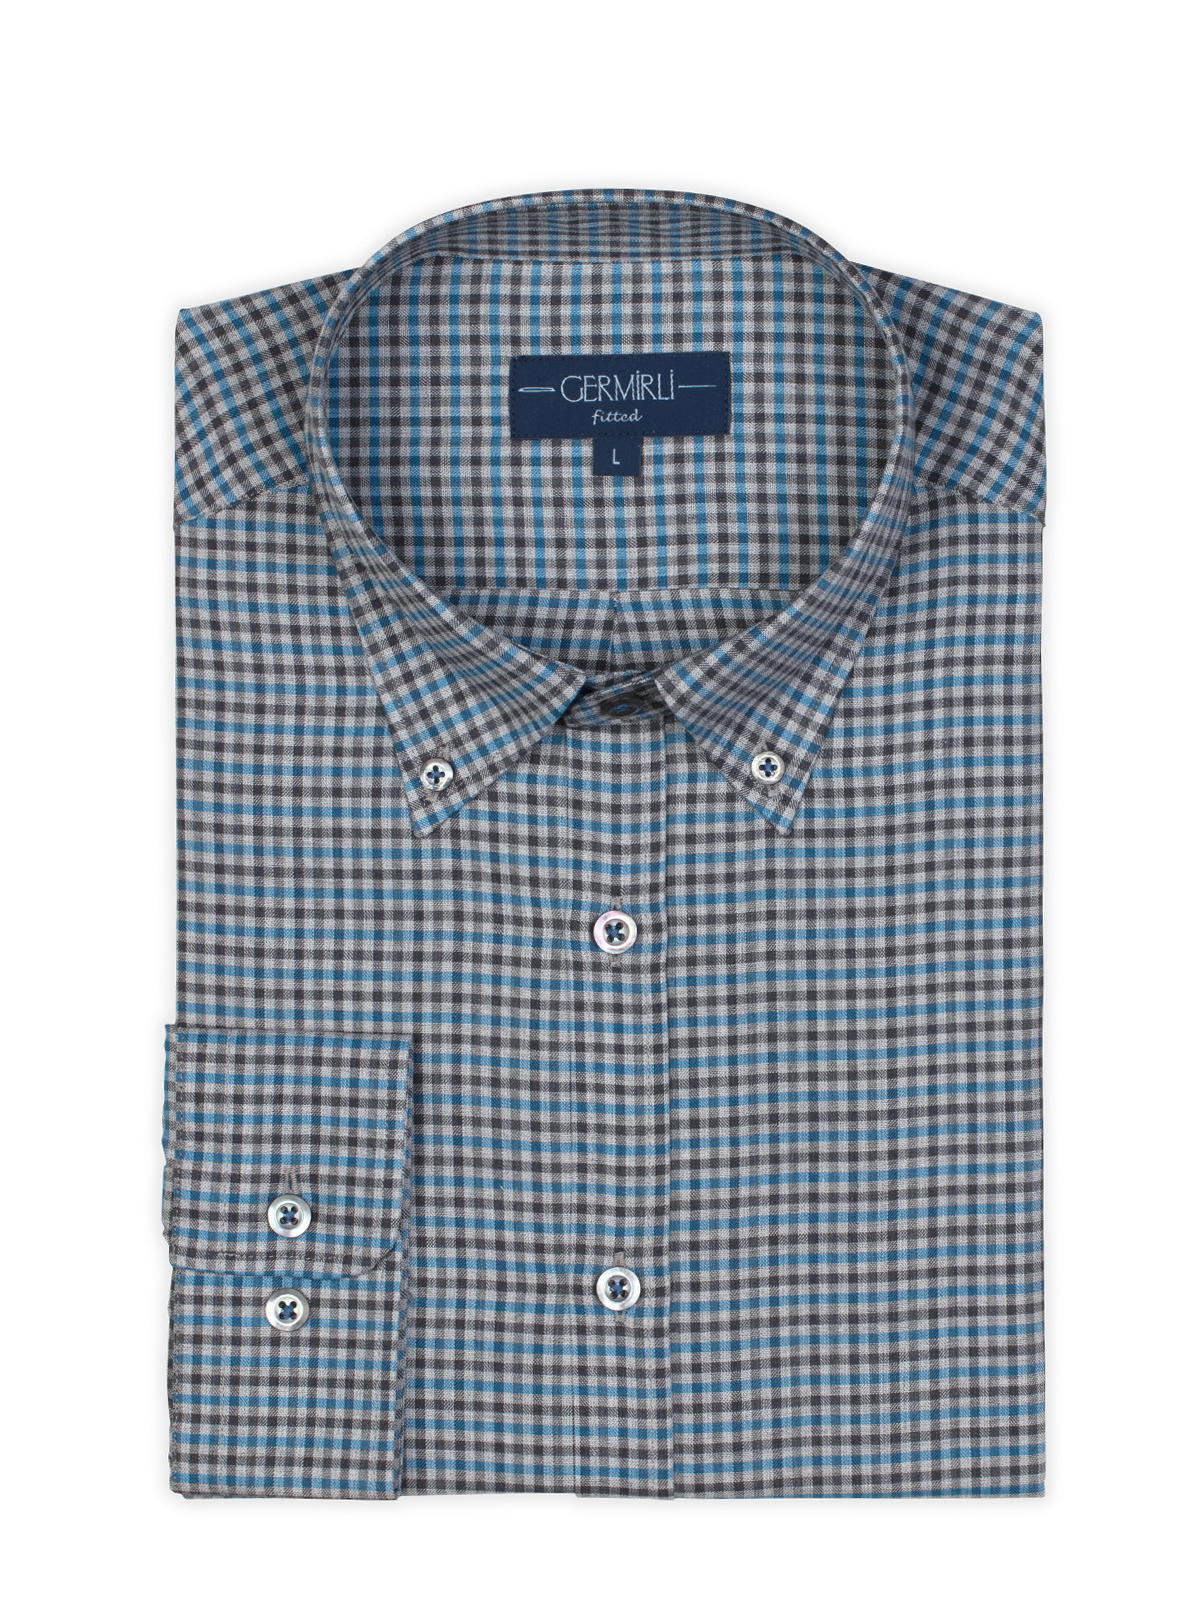 Germirli Mavi Gri Kareli Düğmeli Yaka Tailor Fit Gömlek